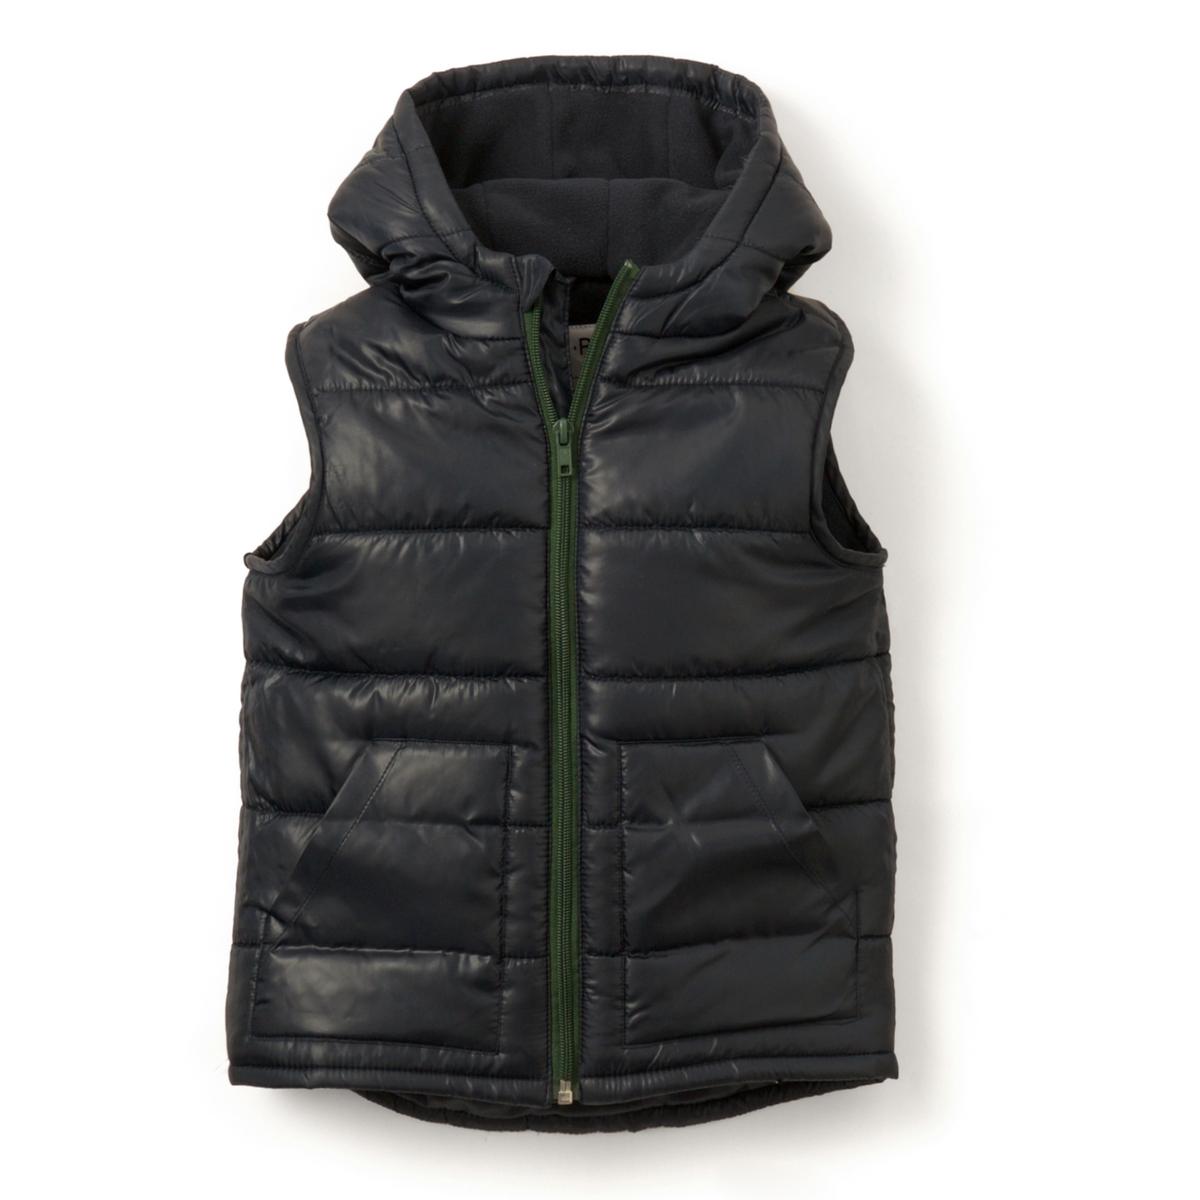 Куртка стеганая без рукавов, 3-12 лет